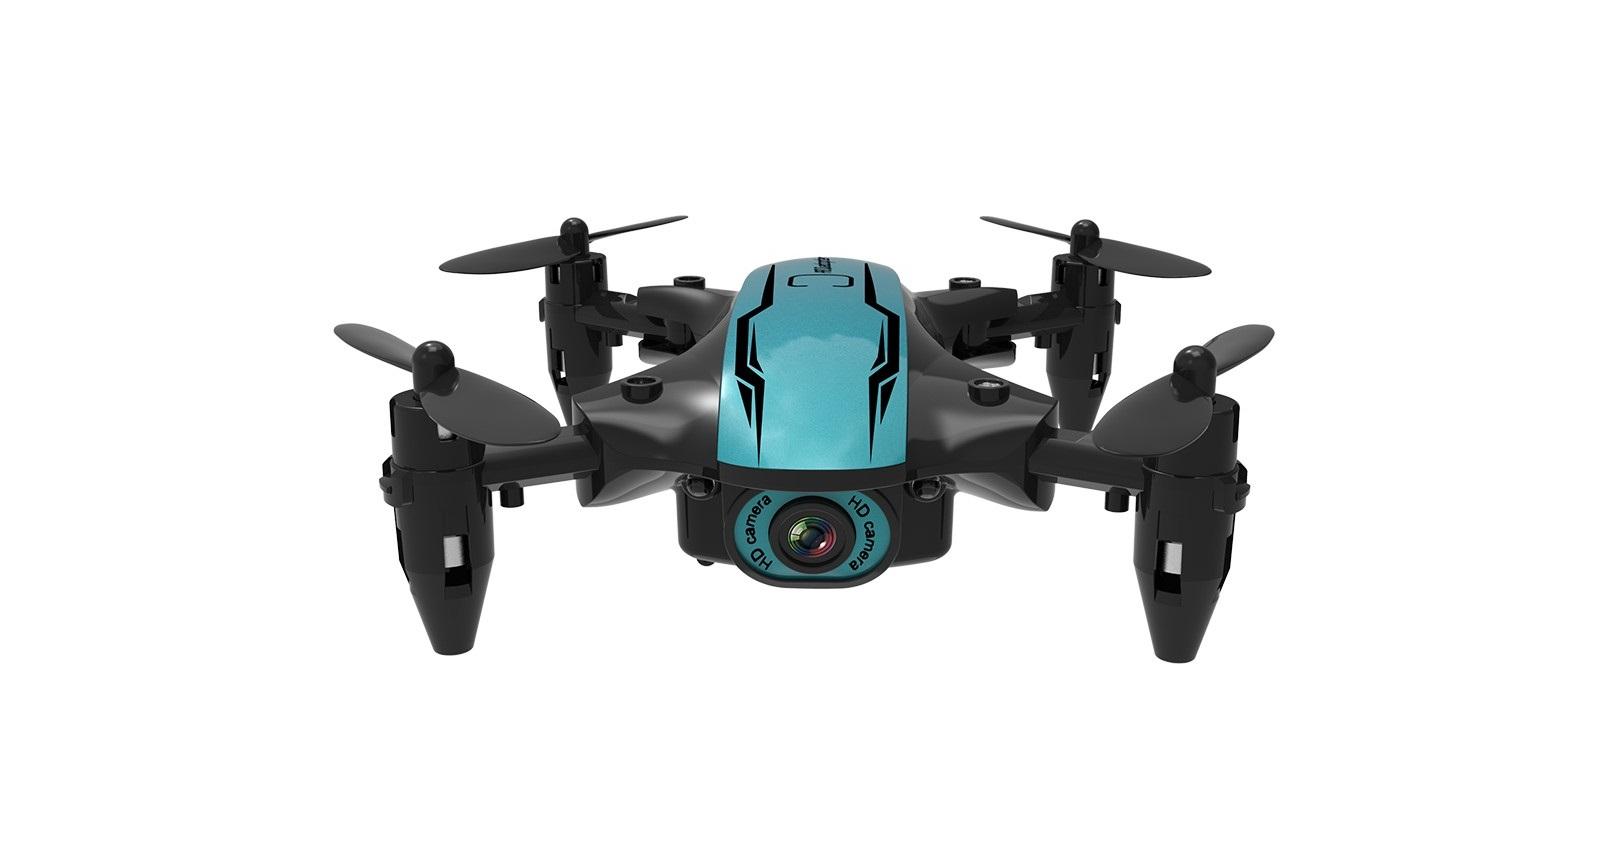 Dron se 4K kamerou jen za 628 Kč v akci! [sponzorovaný článek]